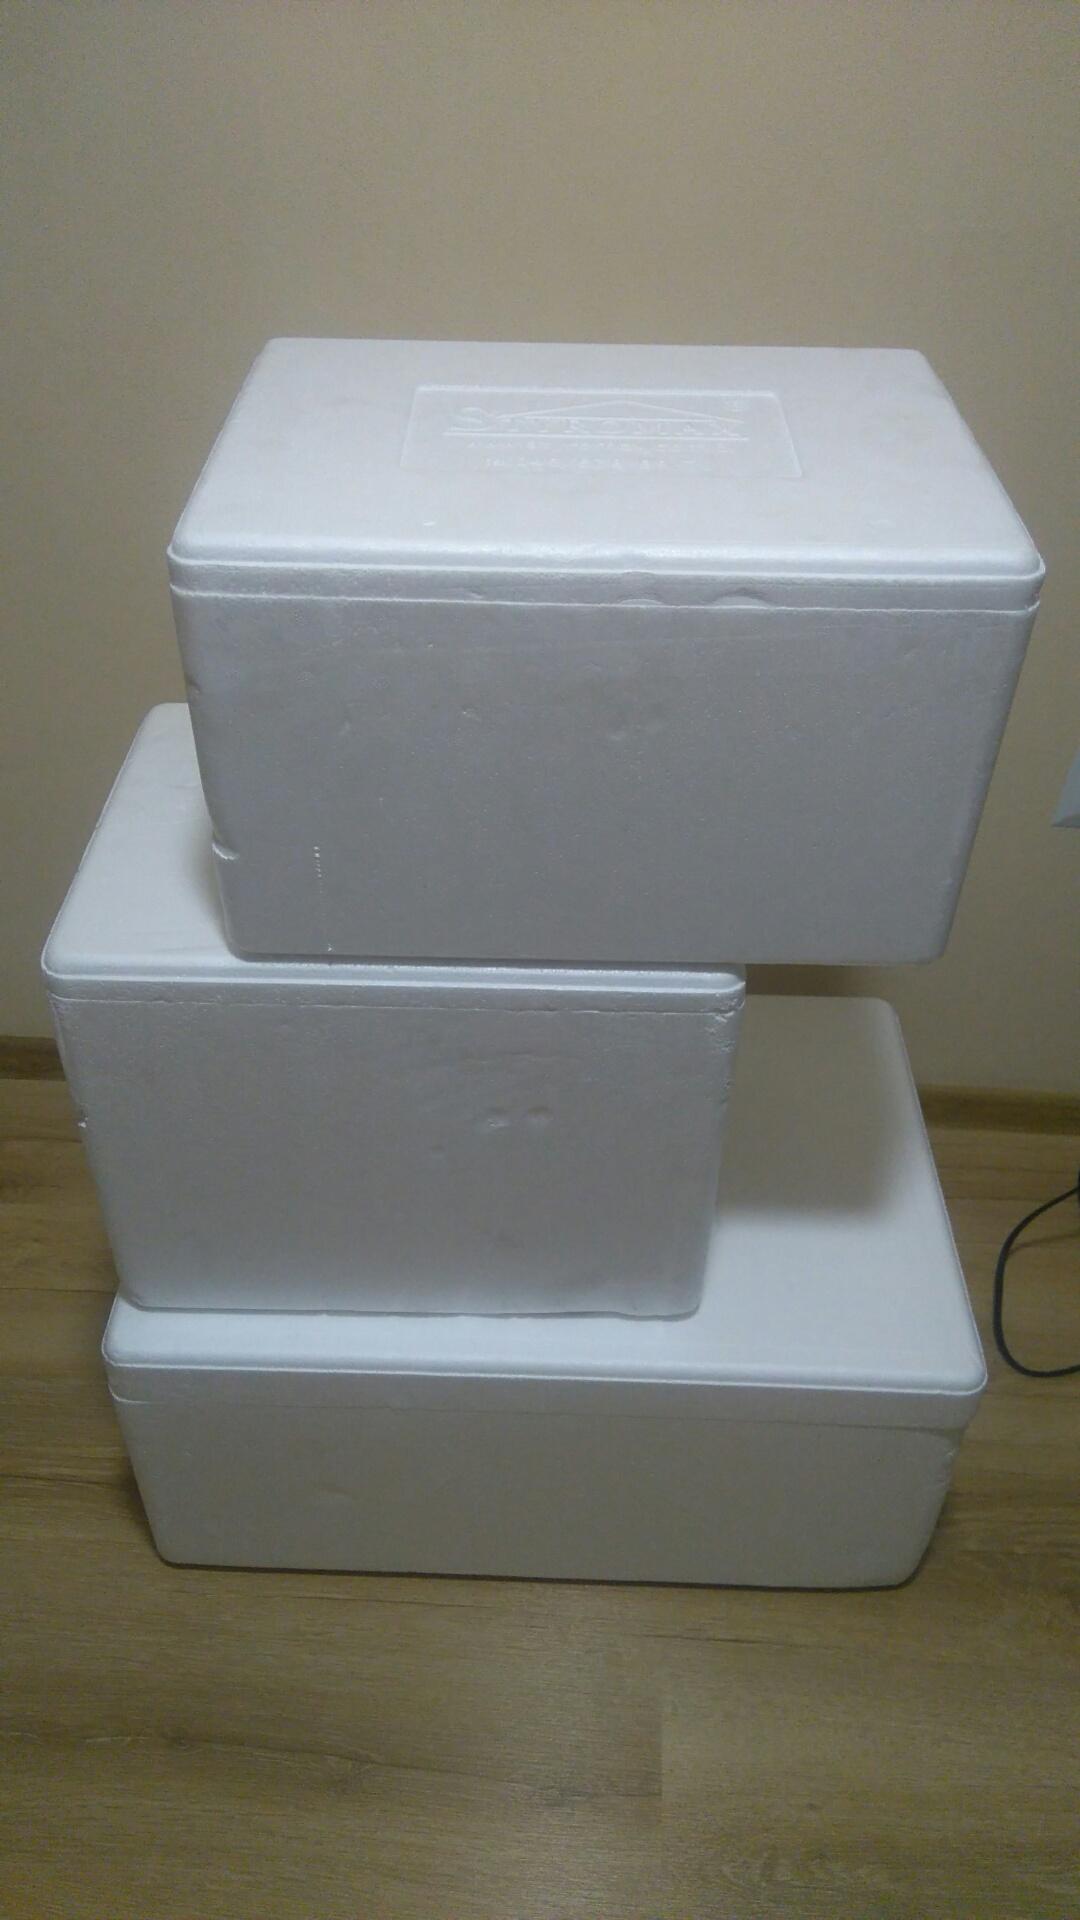 Poważnie Styrobox, pudełko styropianowe, żywność, transport - 7054732940 NU87